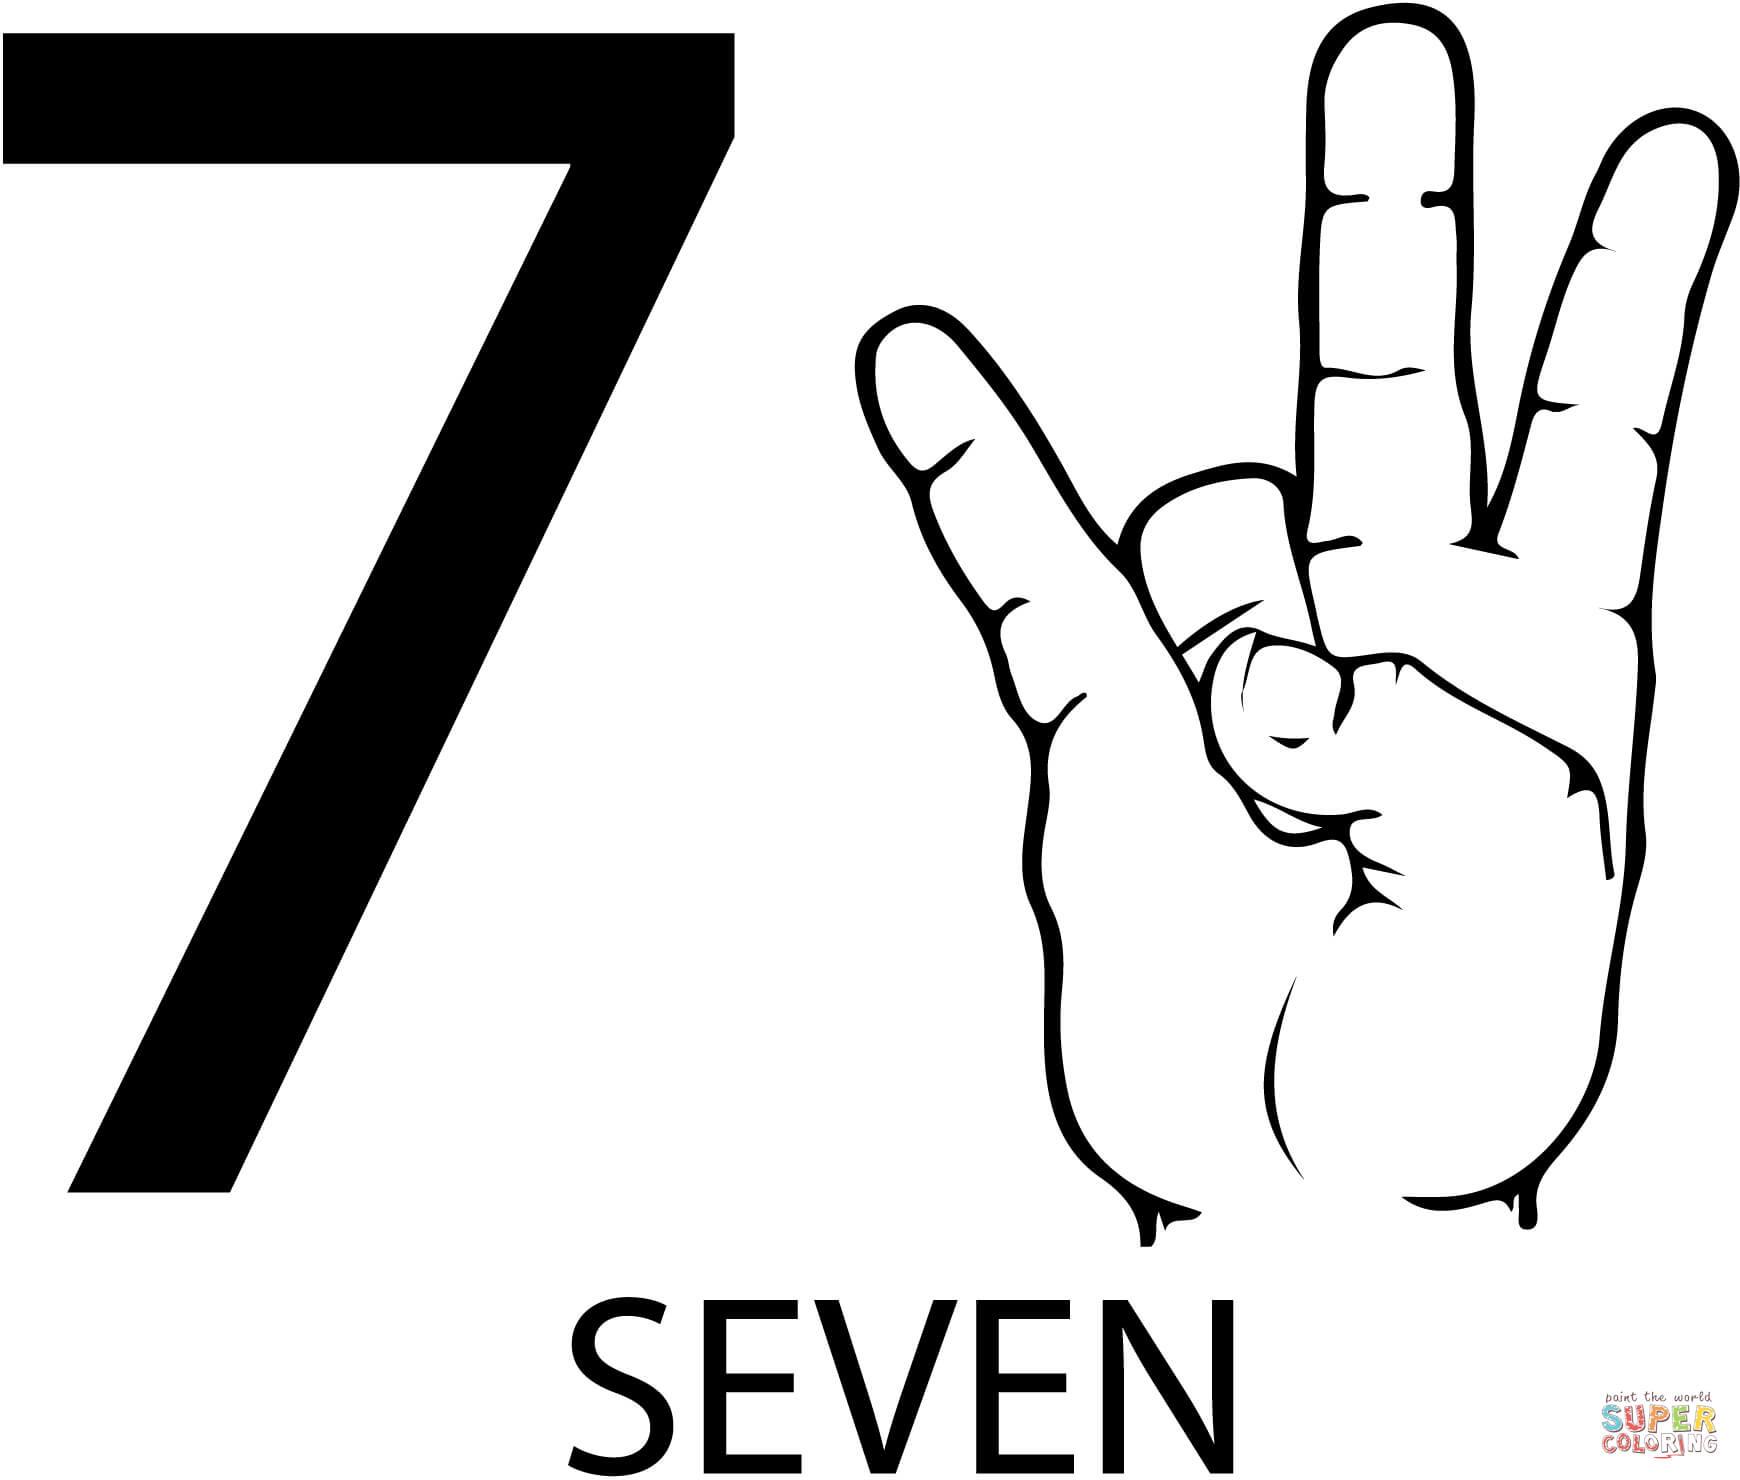 Number 7 Seven Worksheet